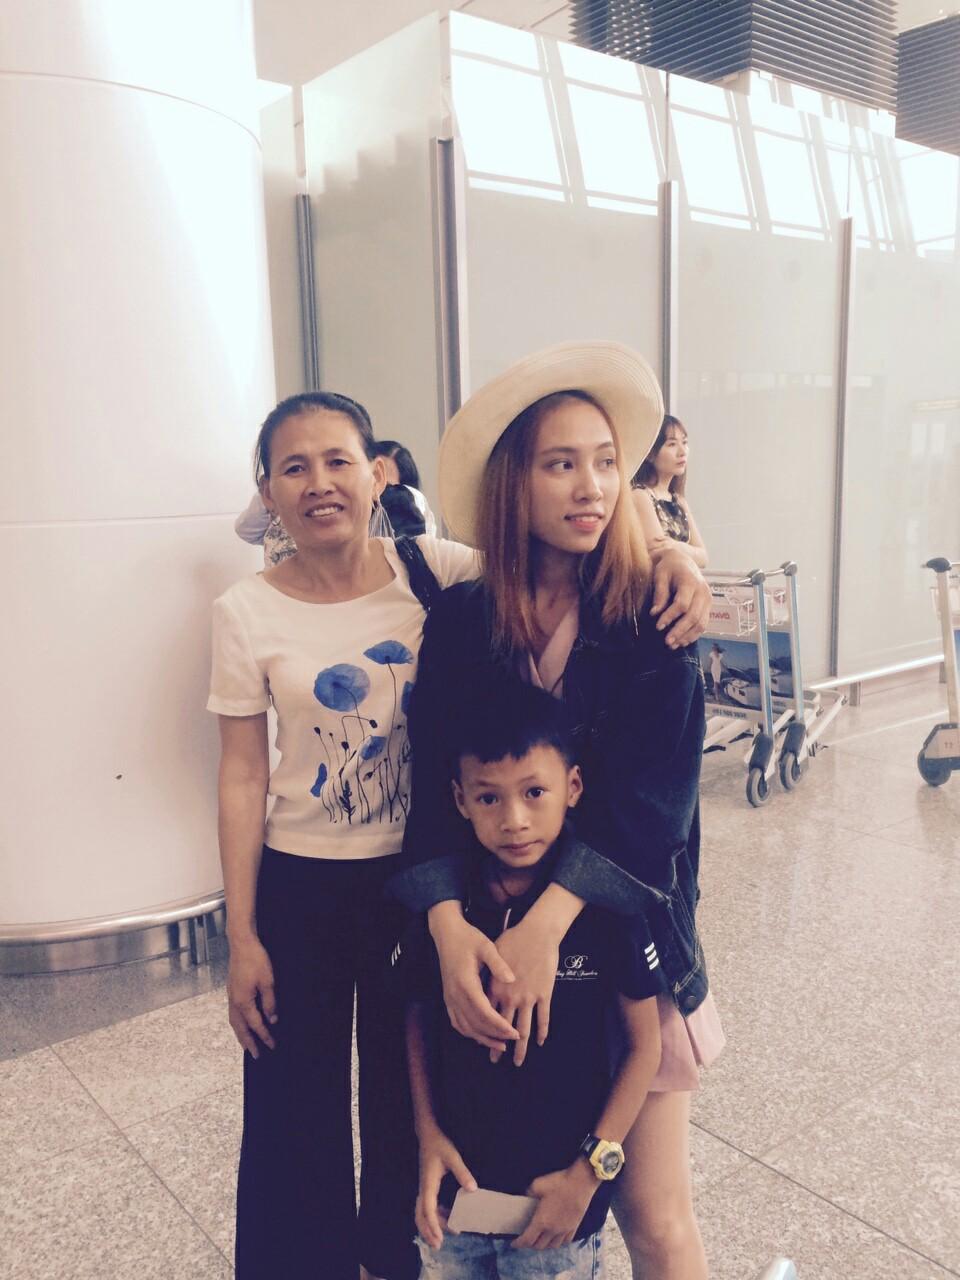 Con gái tử vong vì làm việc kiệt sức ở Nhật, gia đình cầu cứu: 'Xin giúp chúng tôi đưa con về nhà' - Ảnh 2